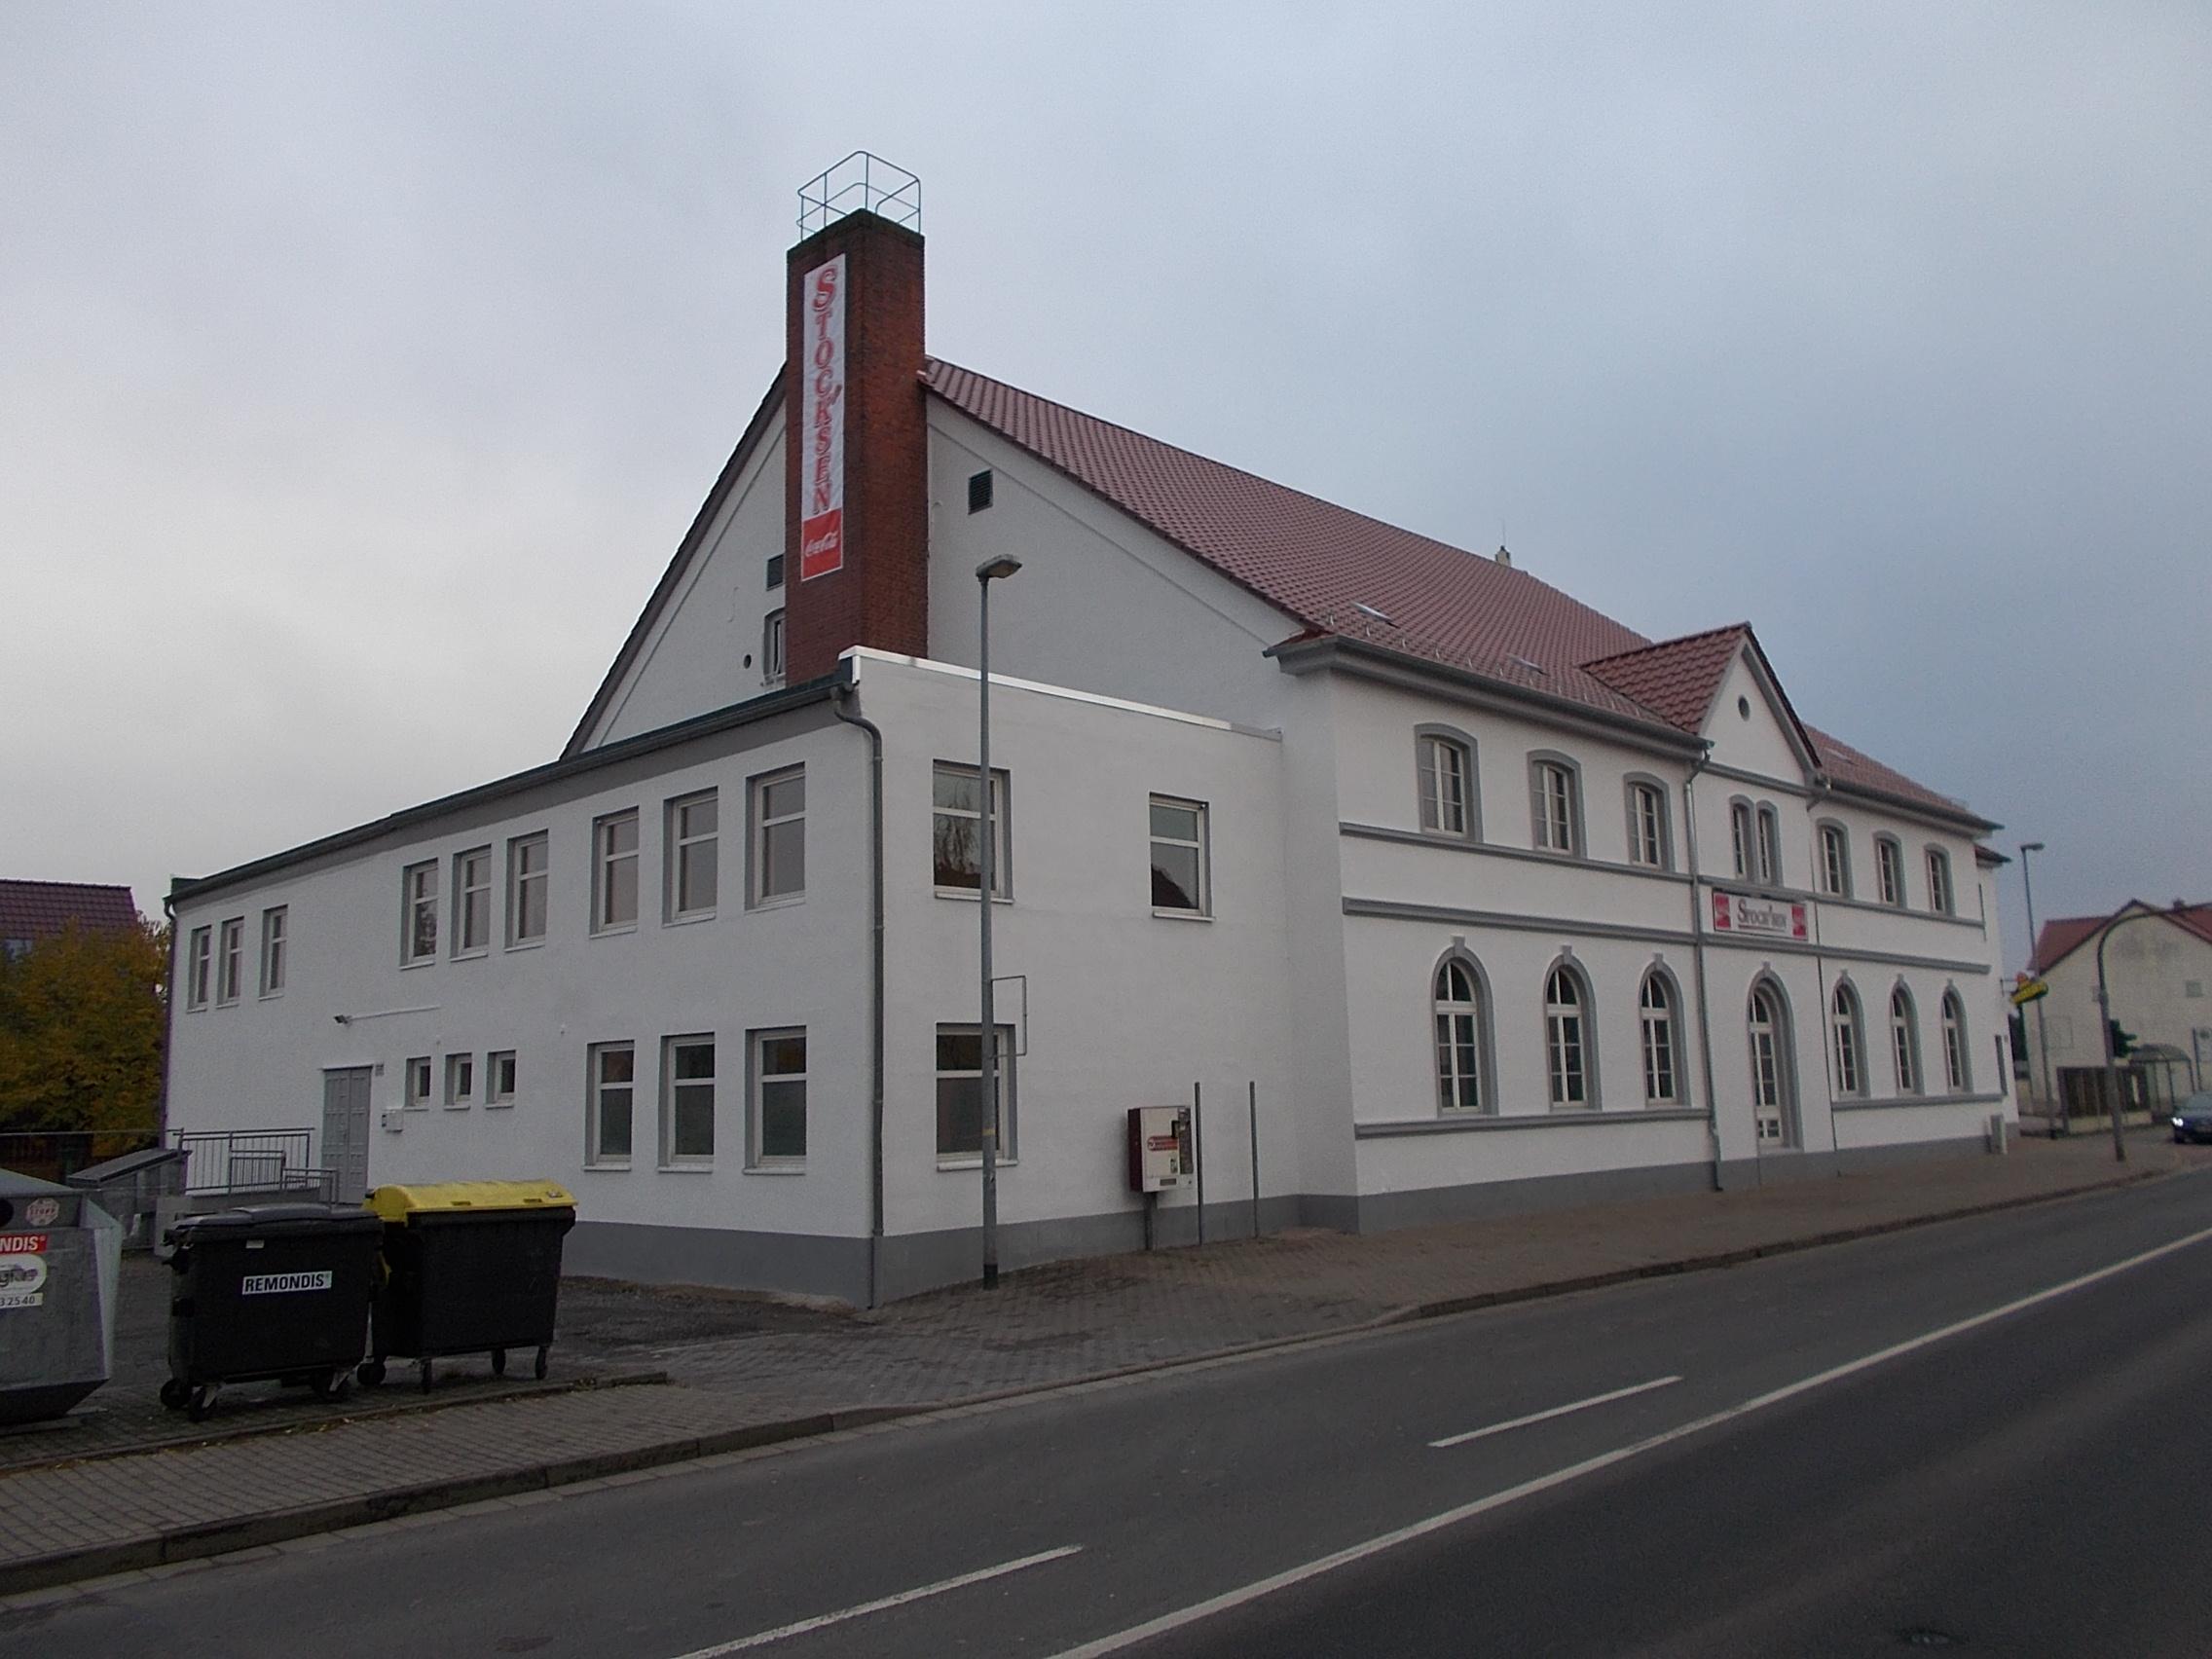 Jugendclub Stocksen Sondershausen.JPG